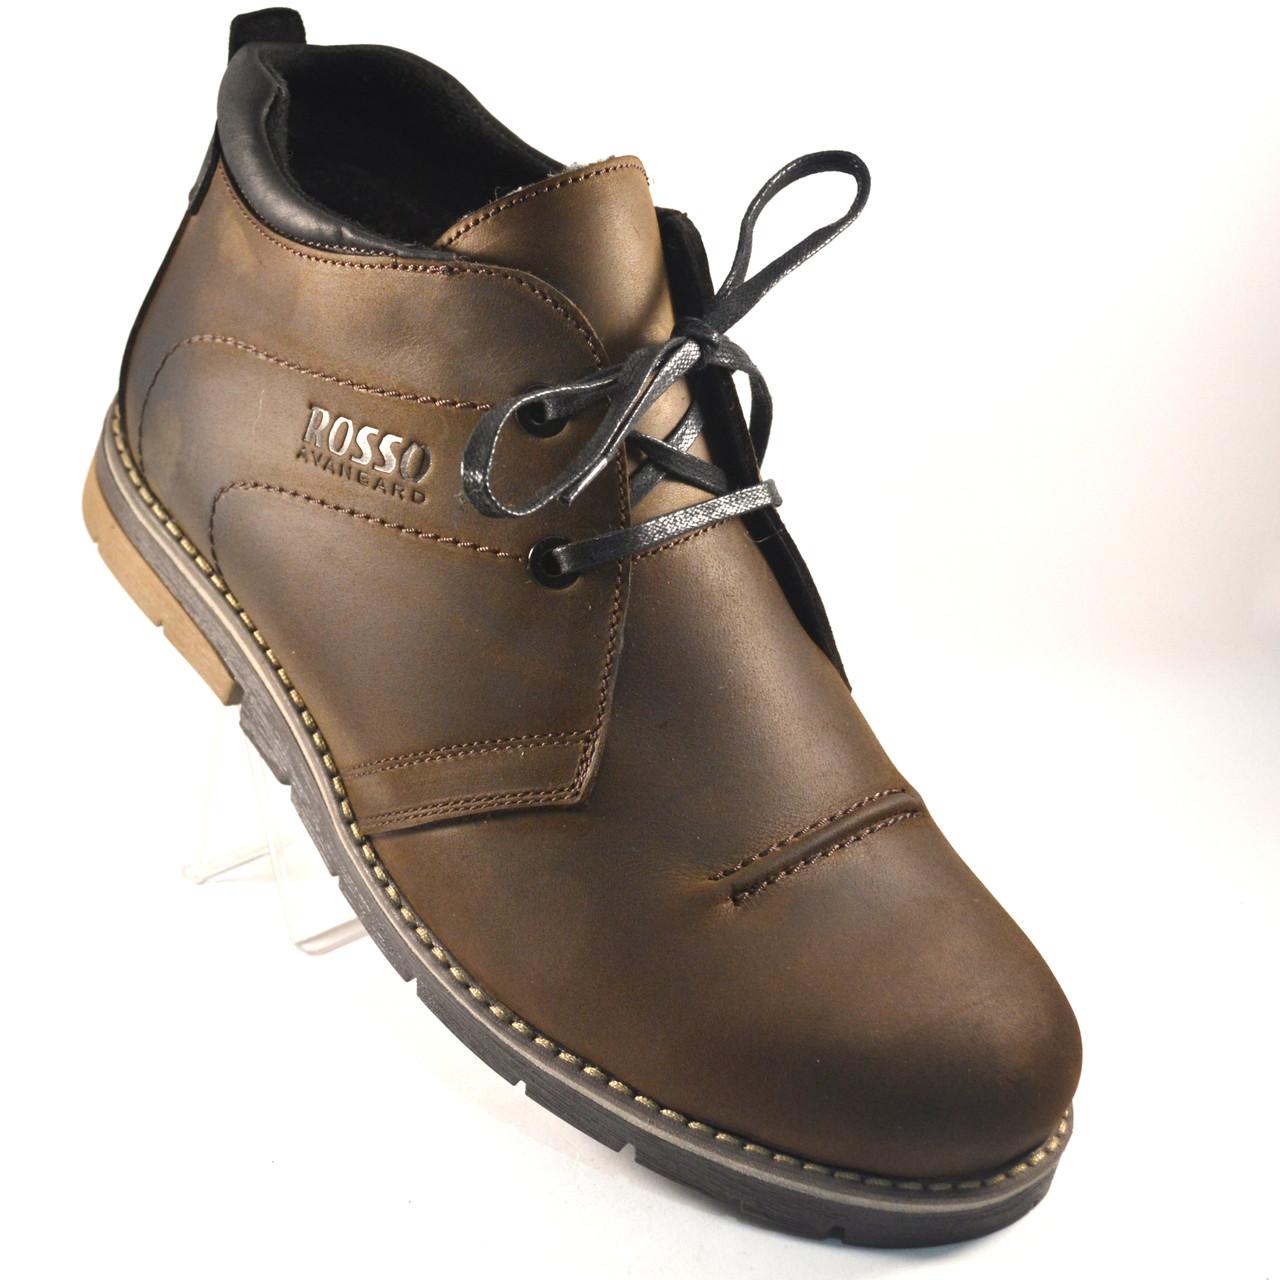 Коричневые зимние мужские ботинки дезерты кожаные Rosso Avangard. WinterkingZ Mocha Brown Street